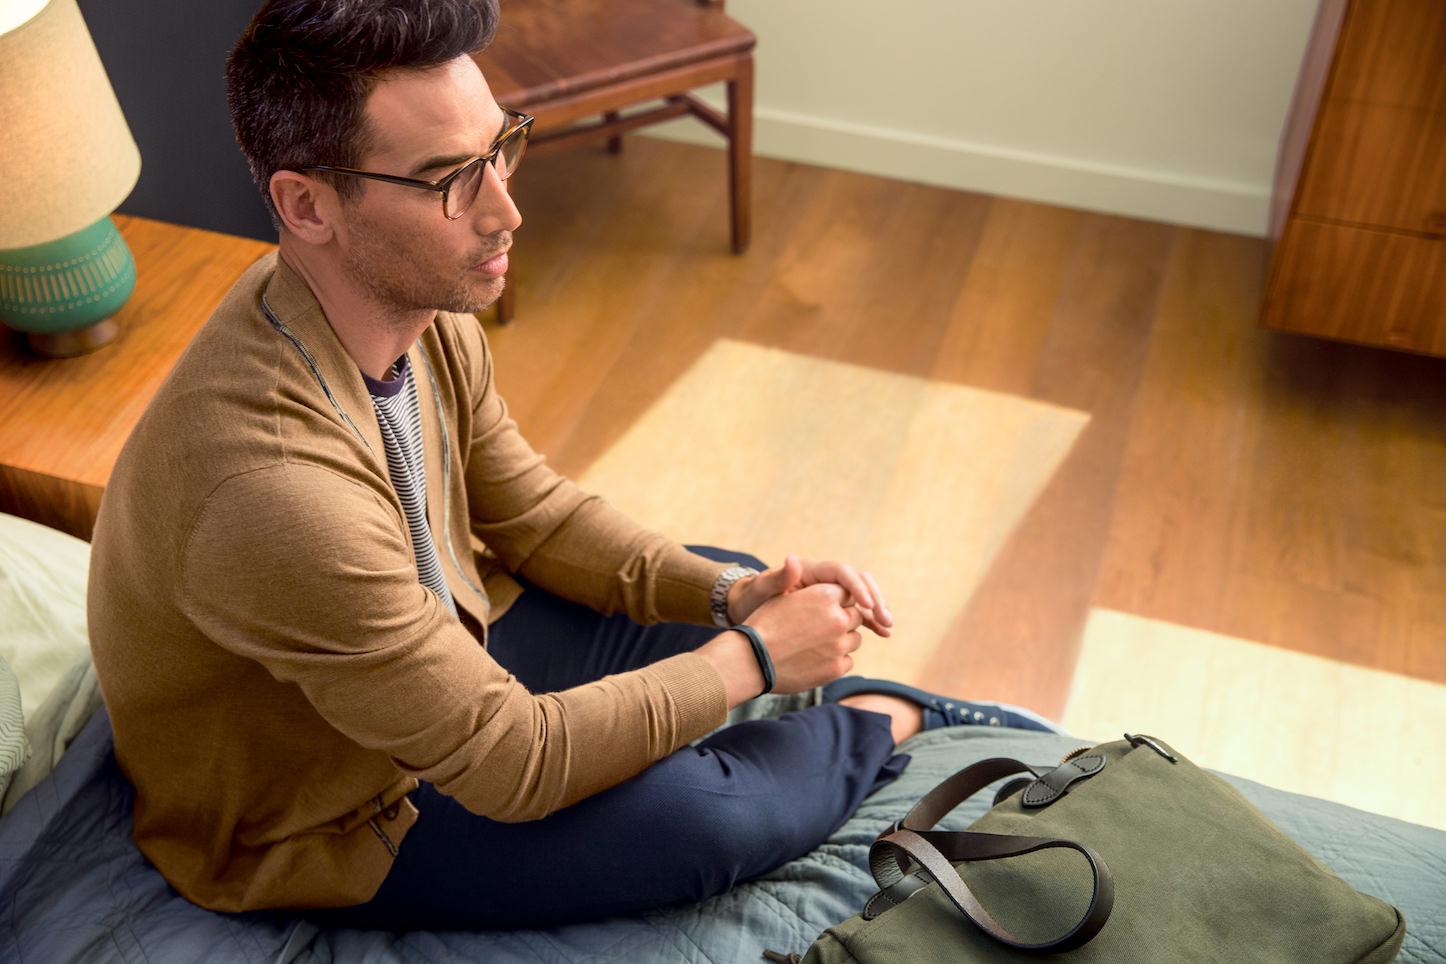 Fitbit-Flex-2_Man_Getting-Ready_Lifestyle.jpg